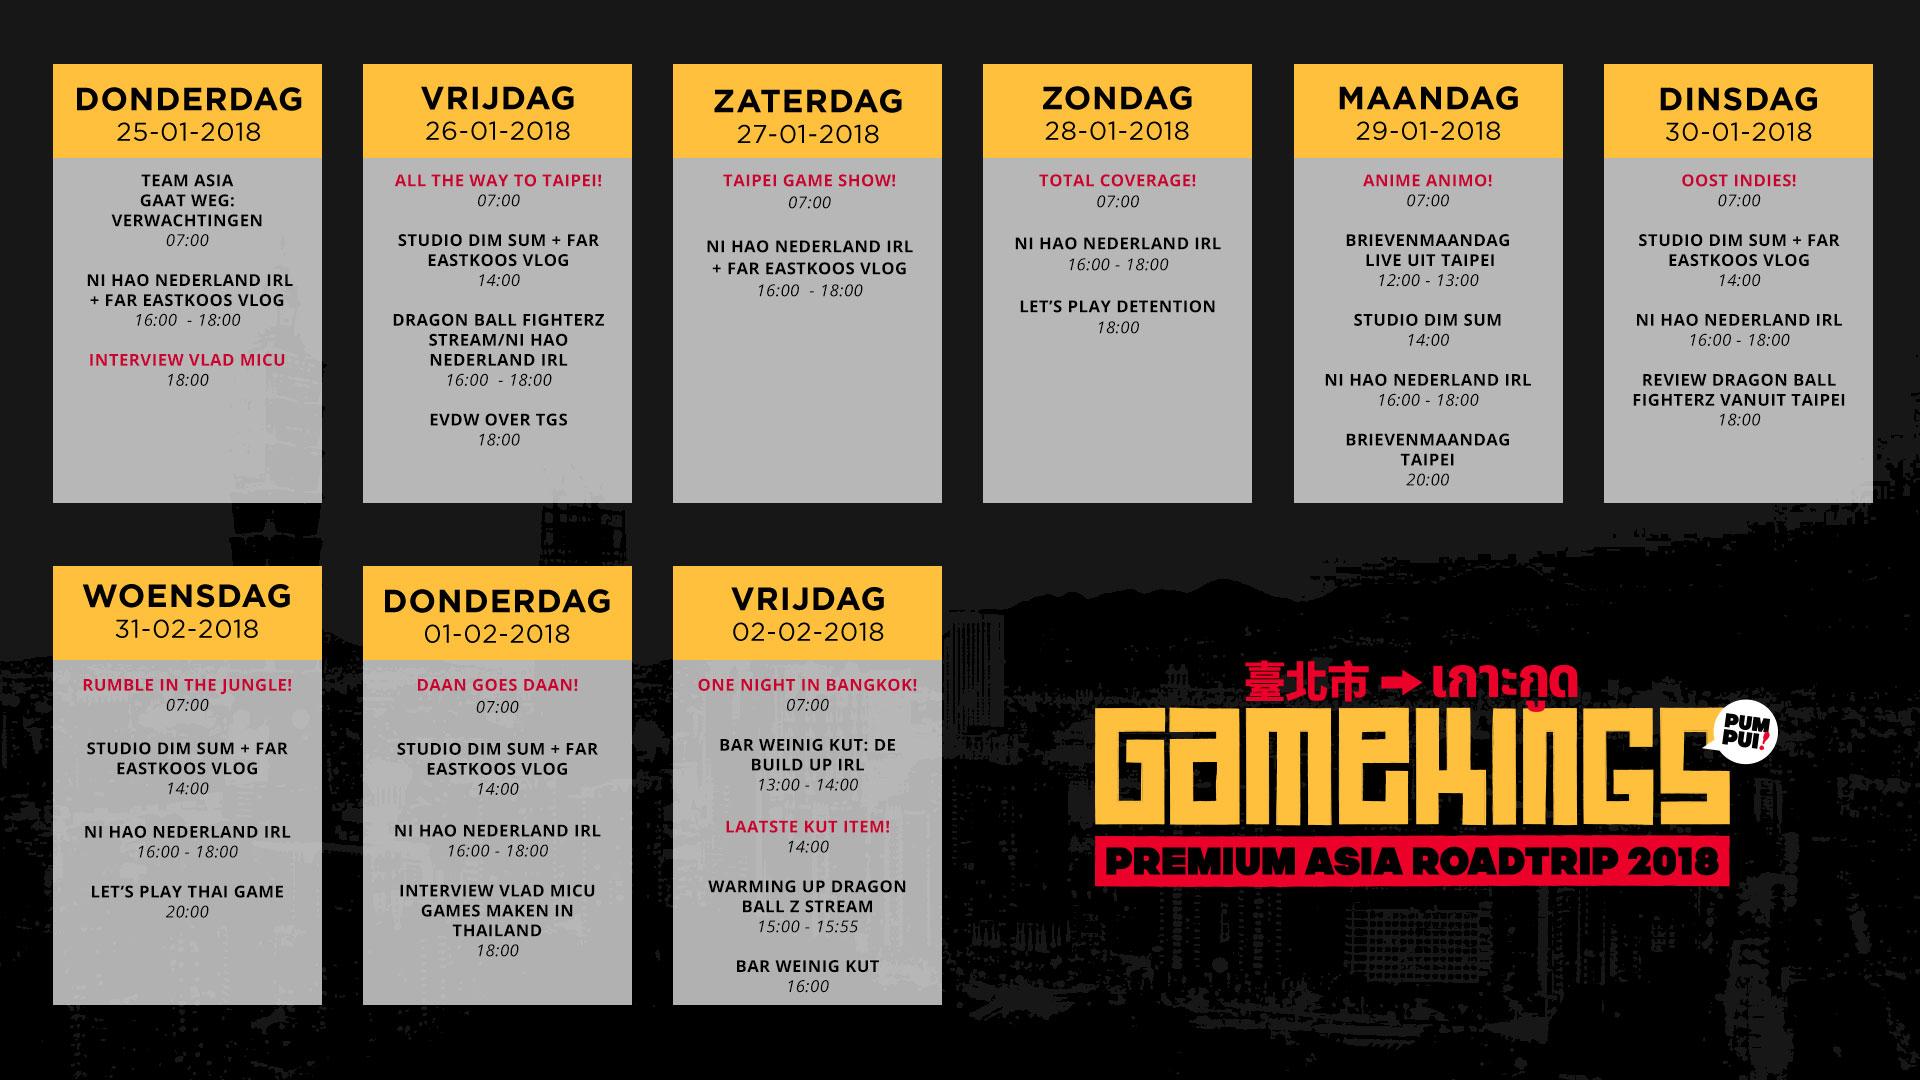 Gamekings Premium Asia Roadtrip 2018 Programma